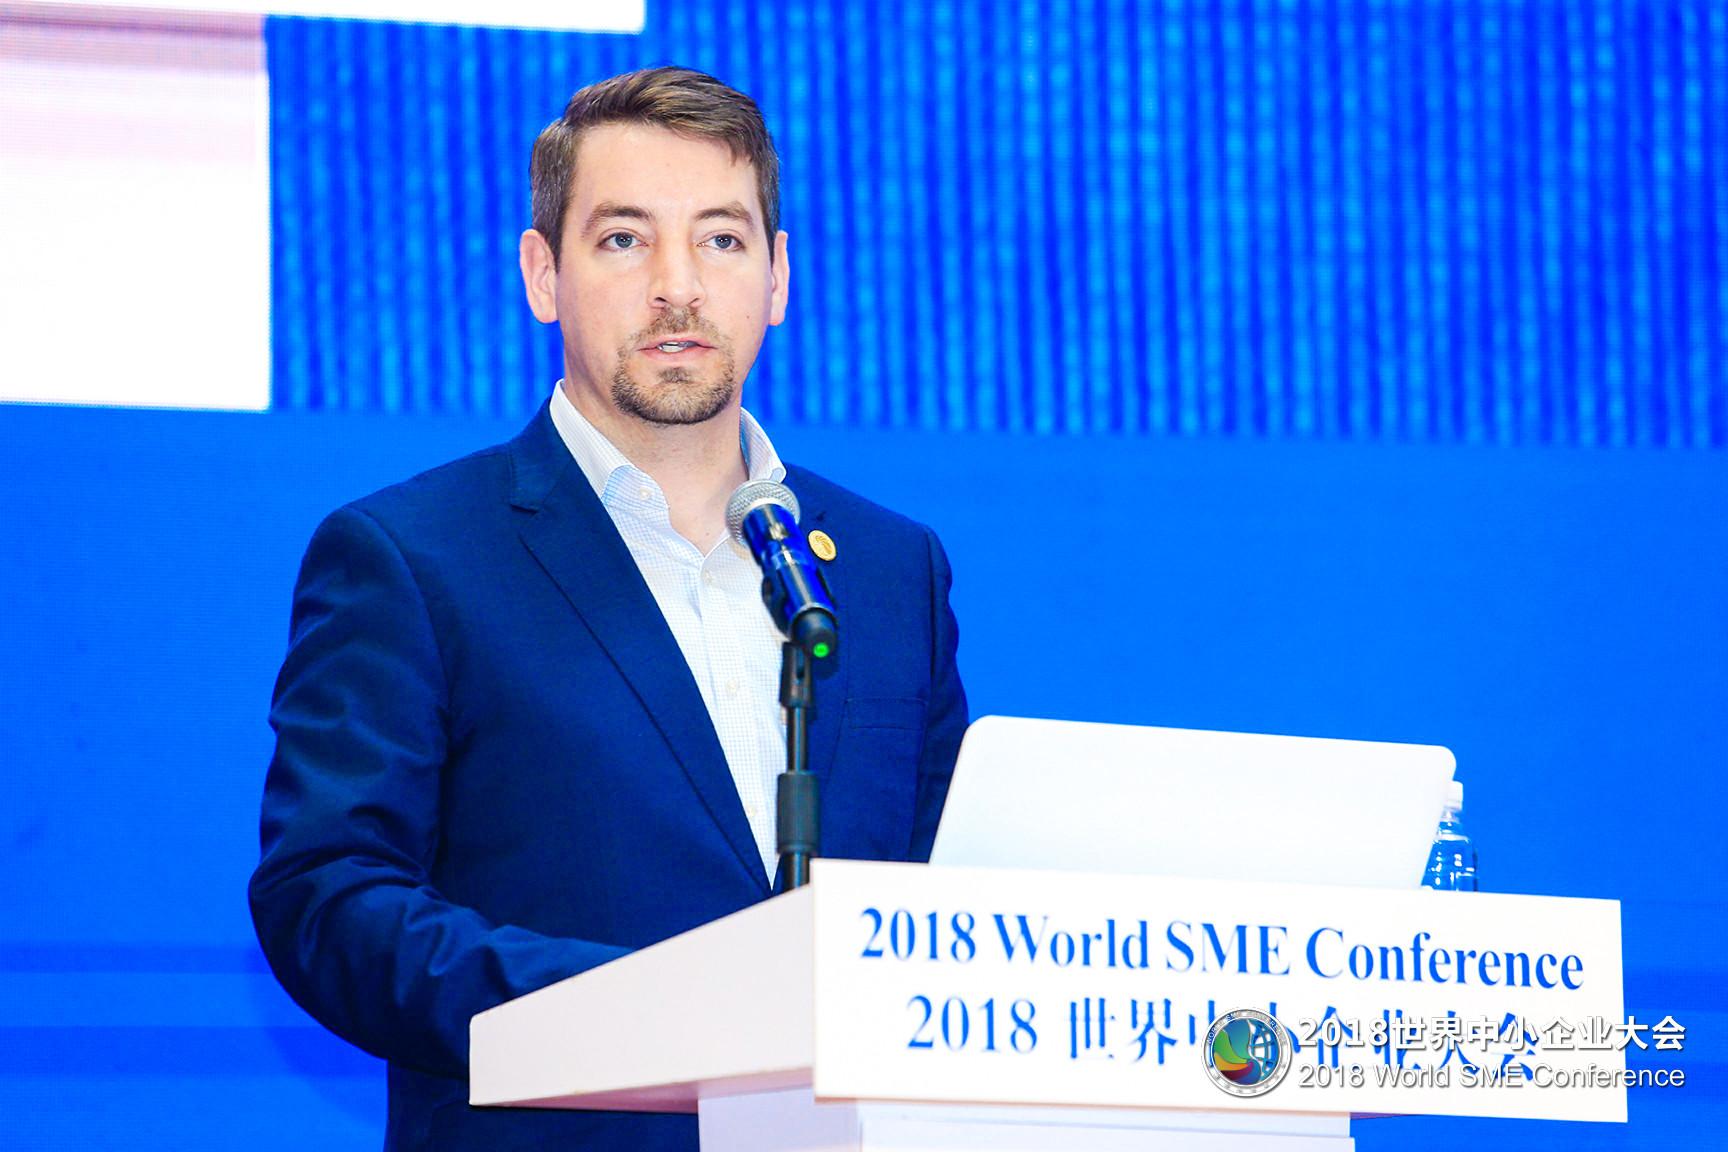 Brett Bruen - President, Global Situation Room, Inc